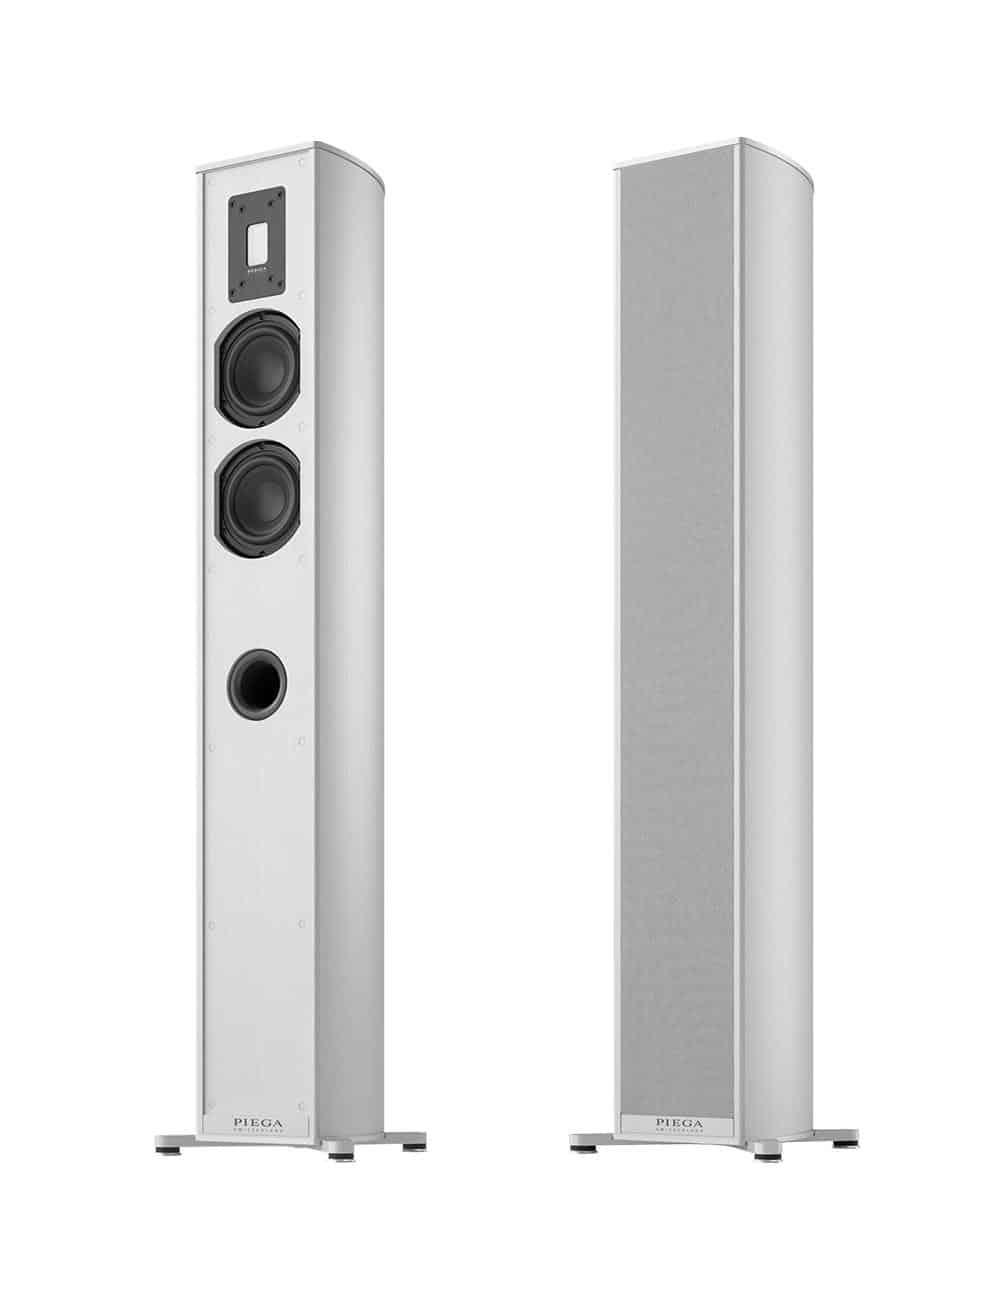 diffusori acustici amplificati wireless HiFi, Piega Premium Wireless 701, finitura aluminium silver